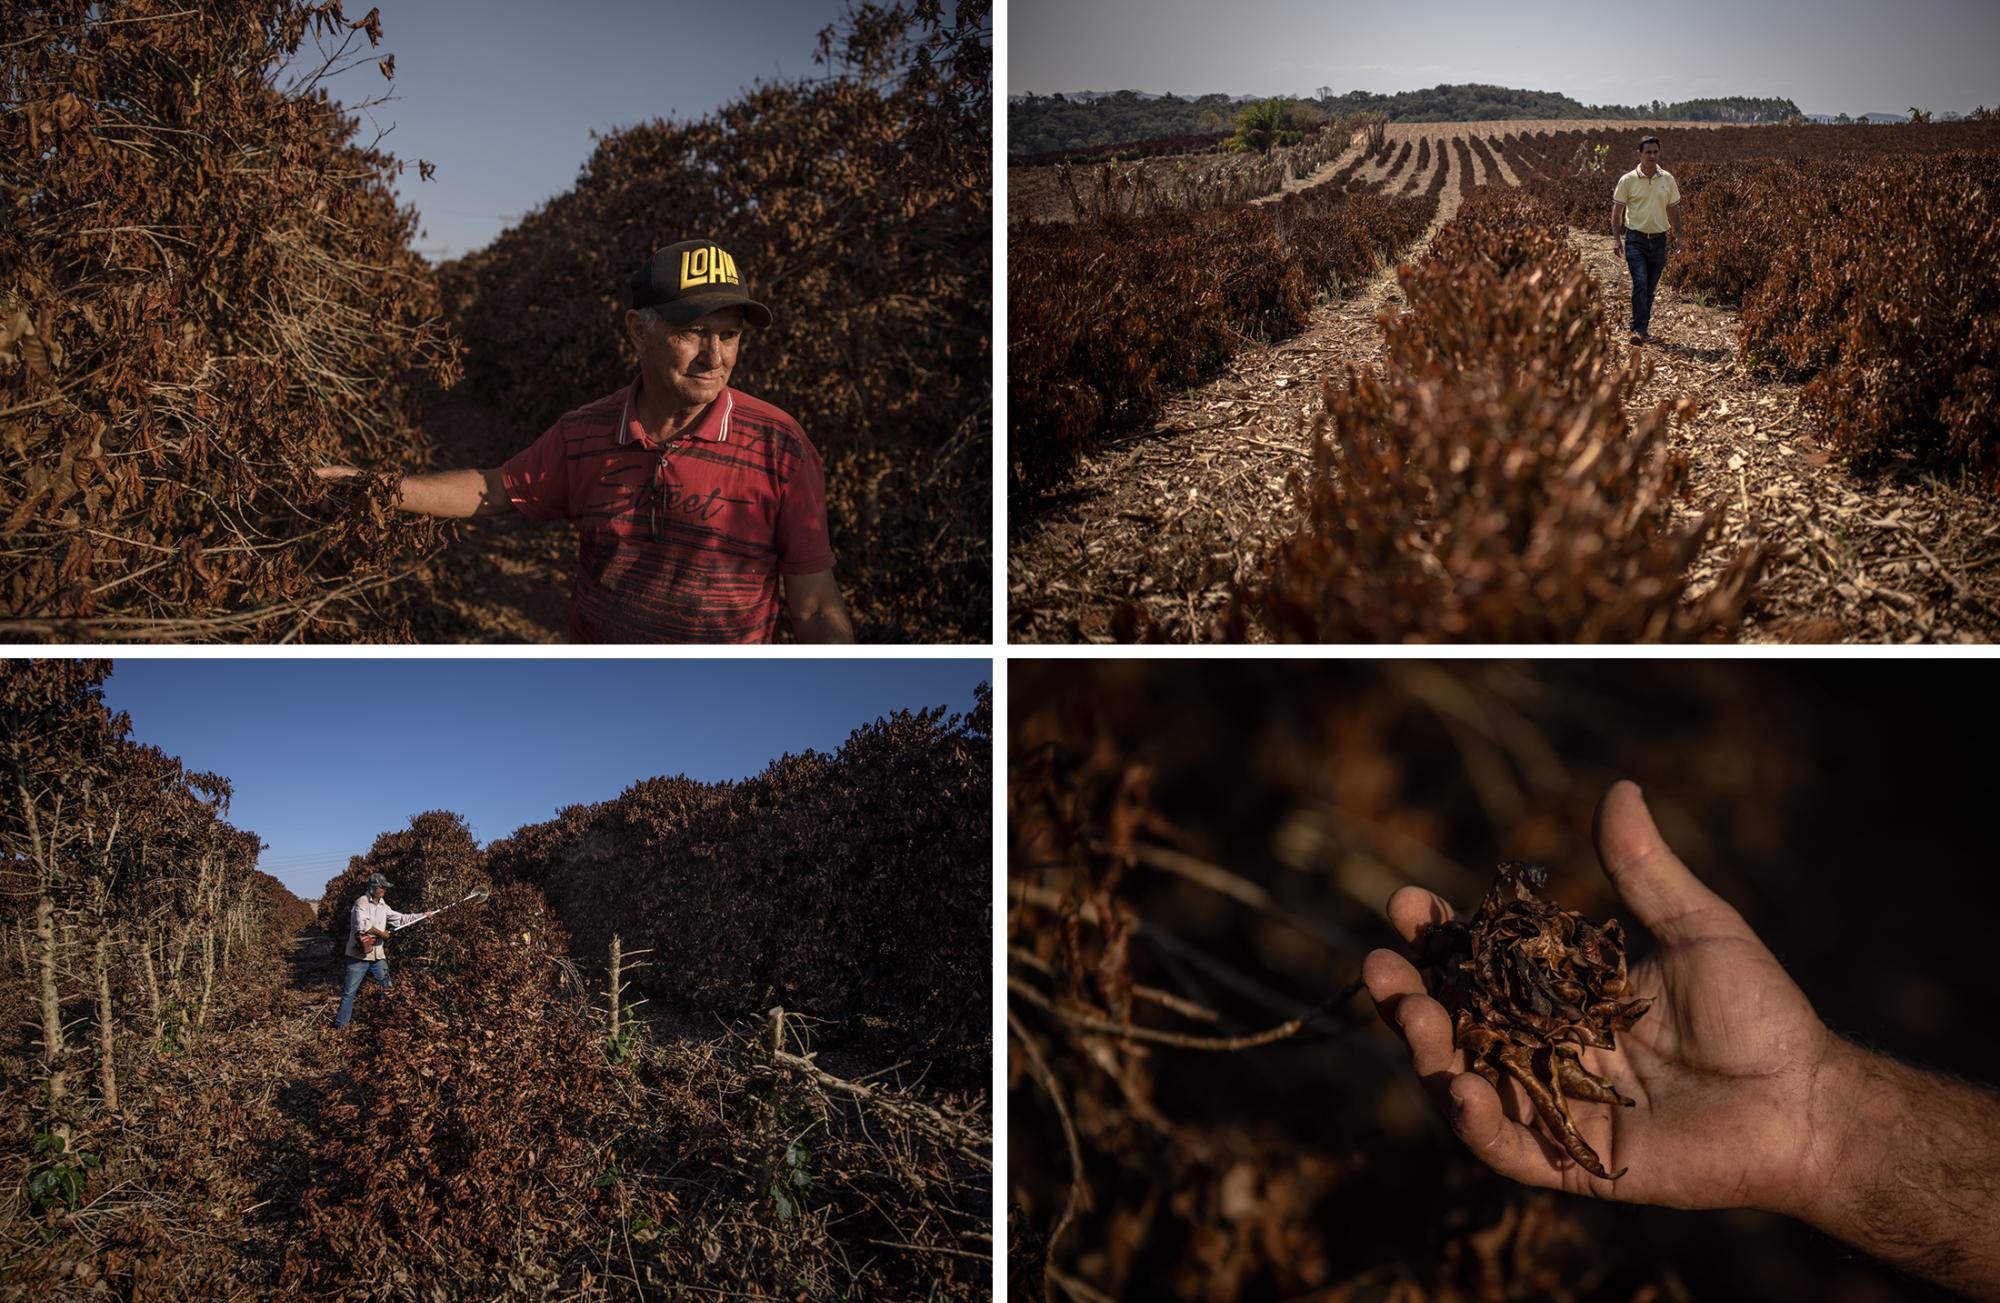 فقد غولارت (أعلى اليسار)  11 ألف شجرة  شكلت قوام  مزرعته للبن في كاكوندي